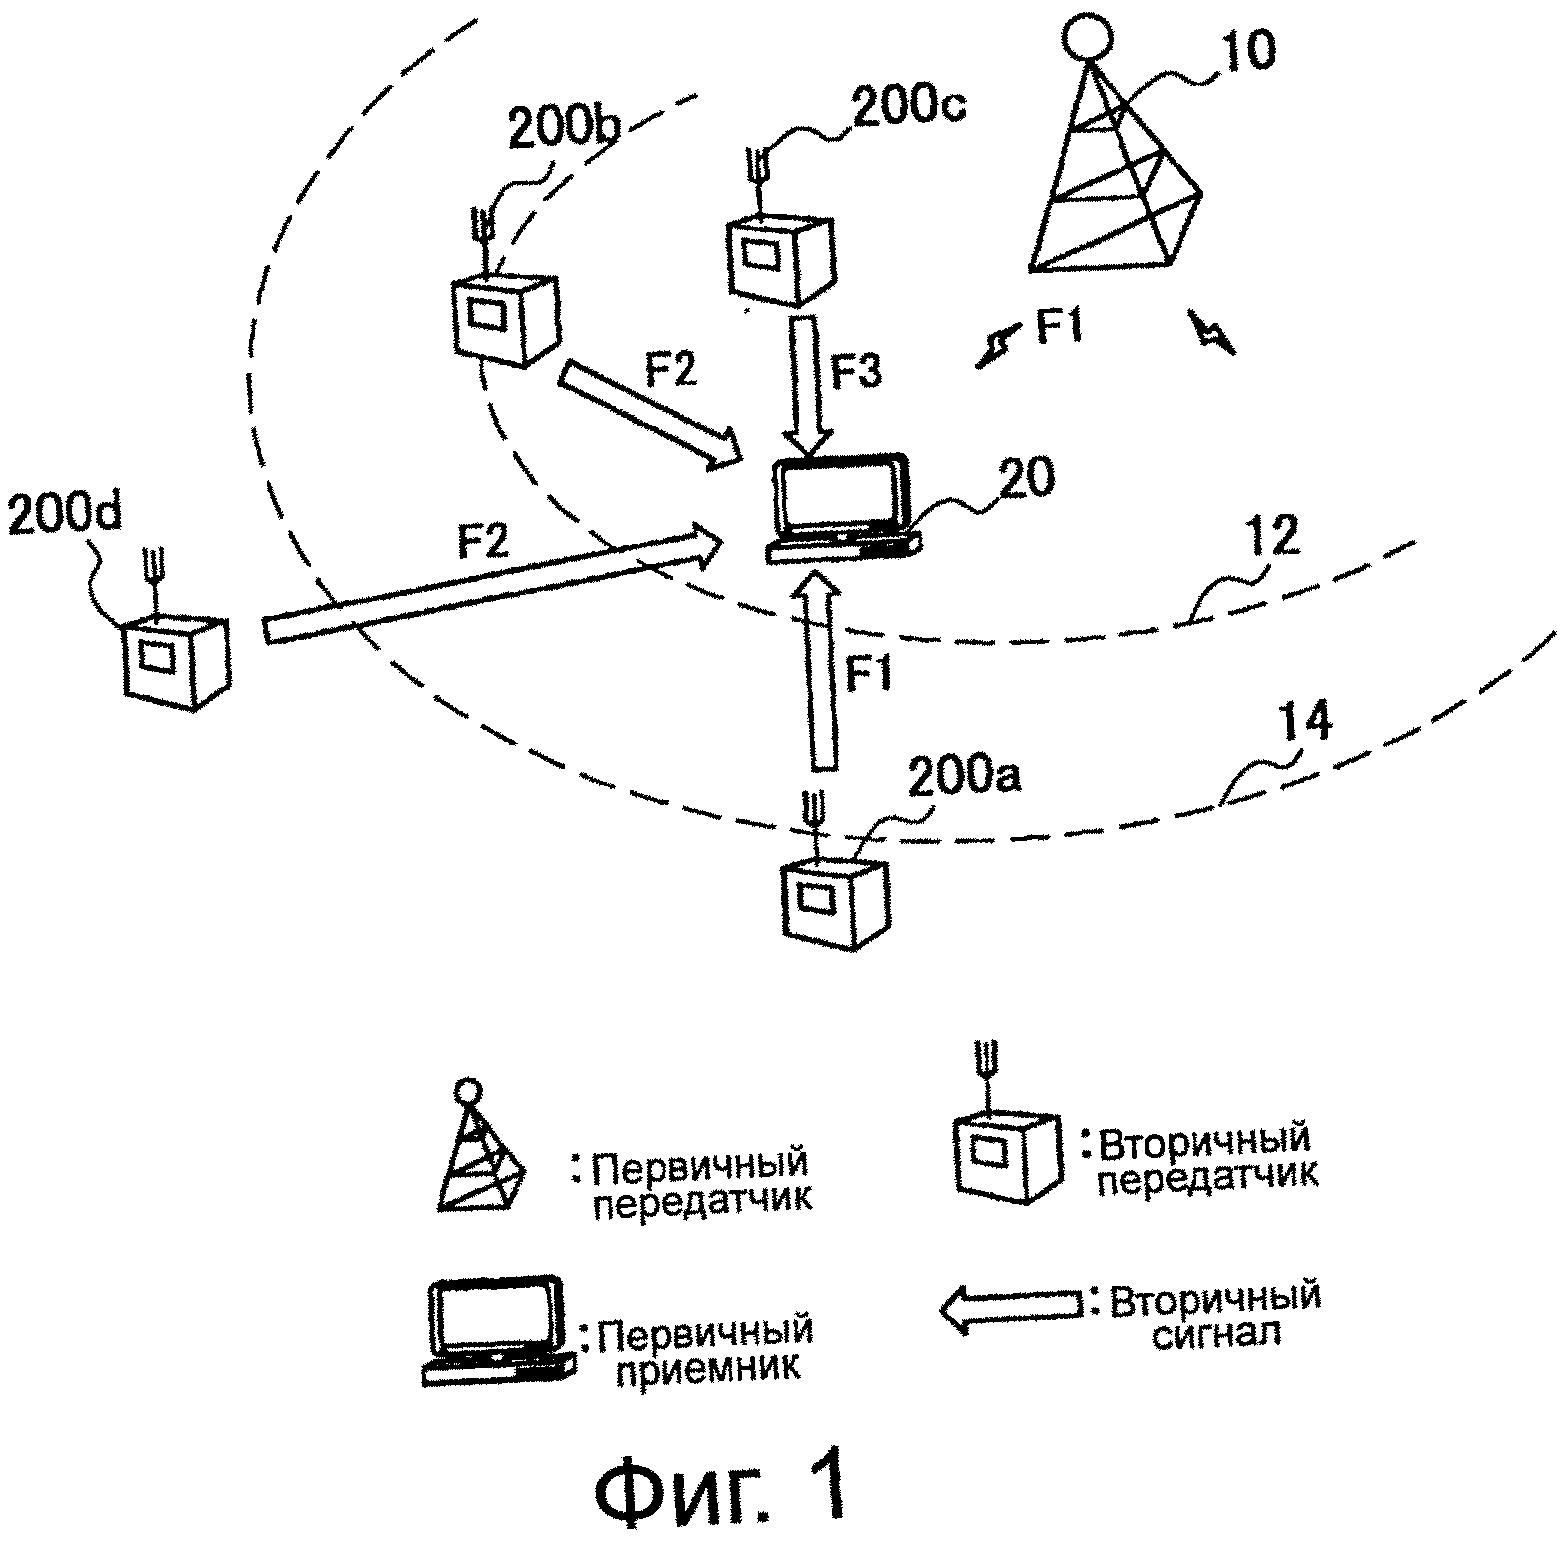 Устройство управления передачей данных, способ управления передачей данных, устройство передачи данных, способ передачи данных и система передачи данных